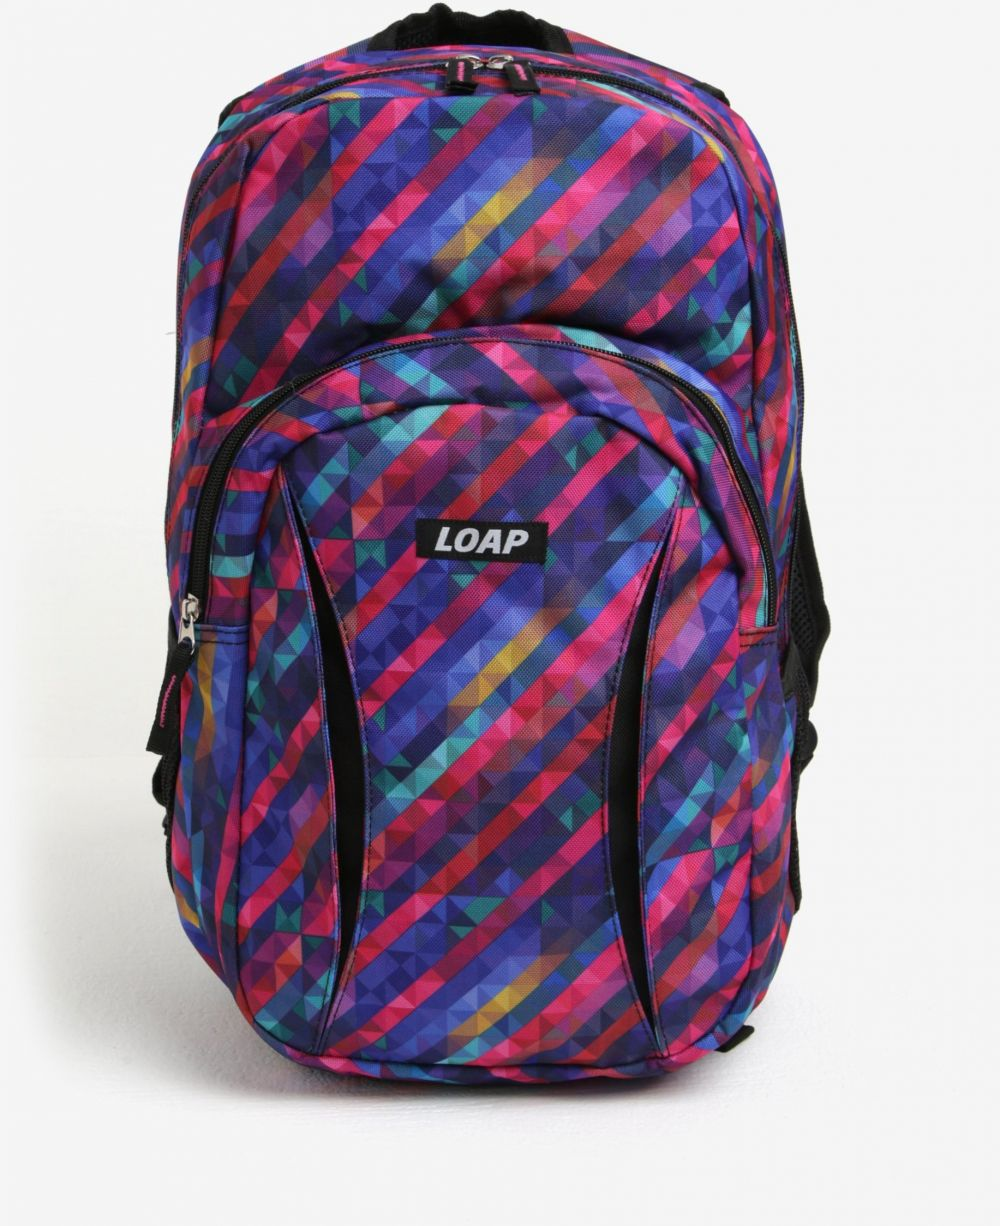 7bb472134ec8 Fialový vzorovaný batoh LOAP Asso 20 l značky LOAP - Lovely.sk